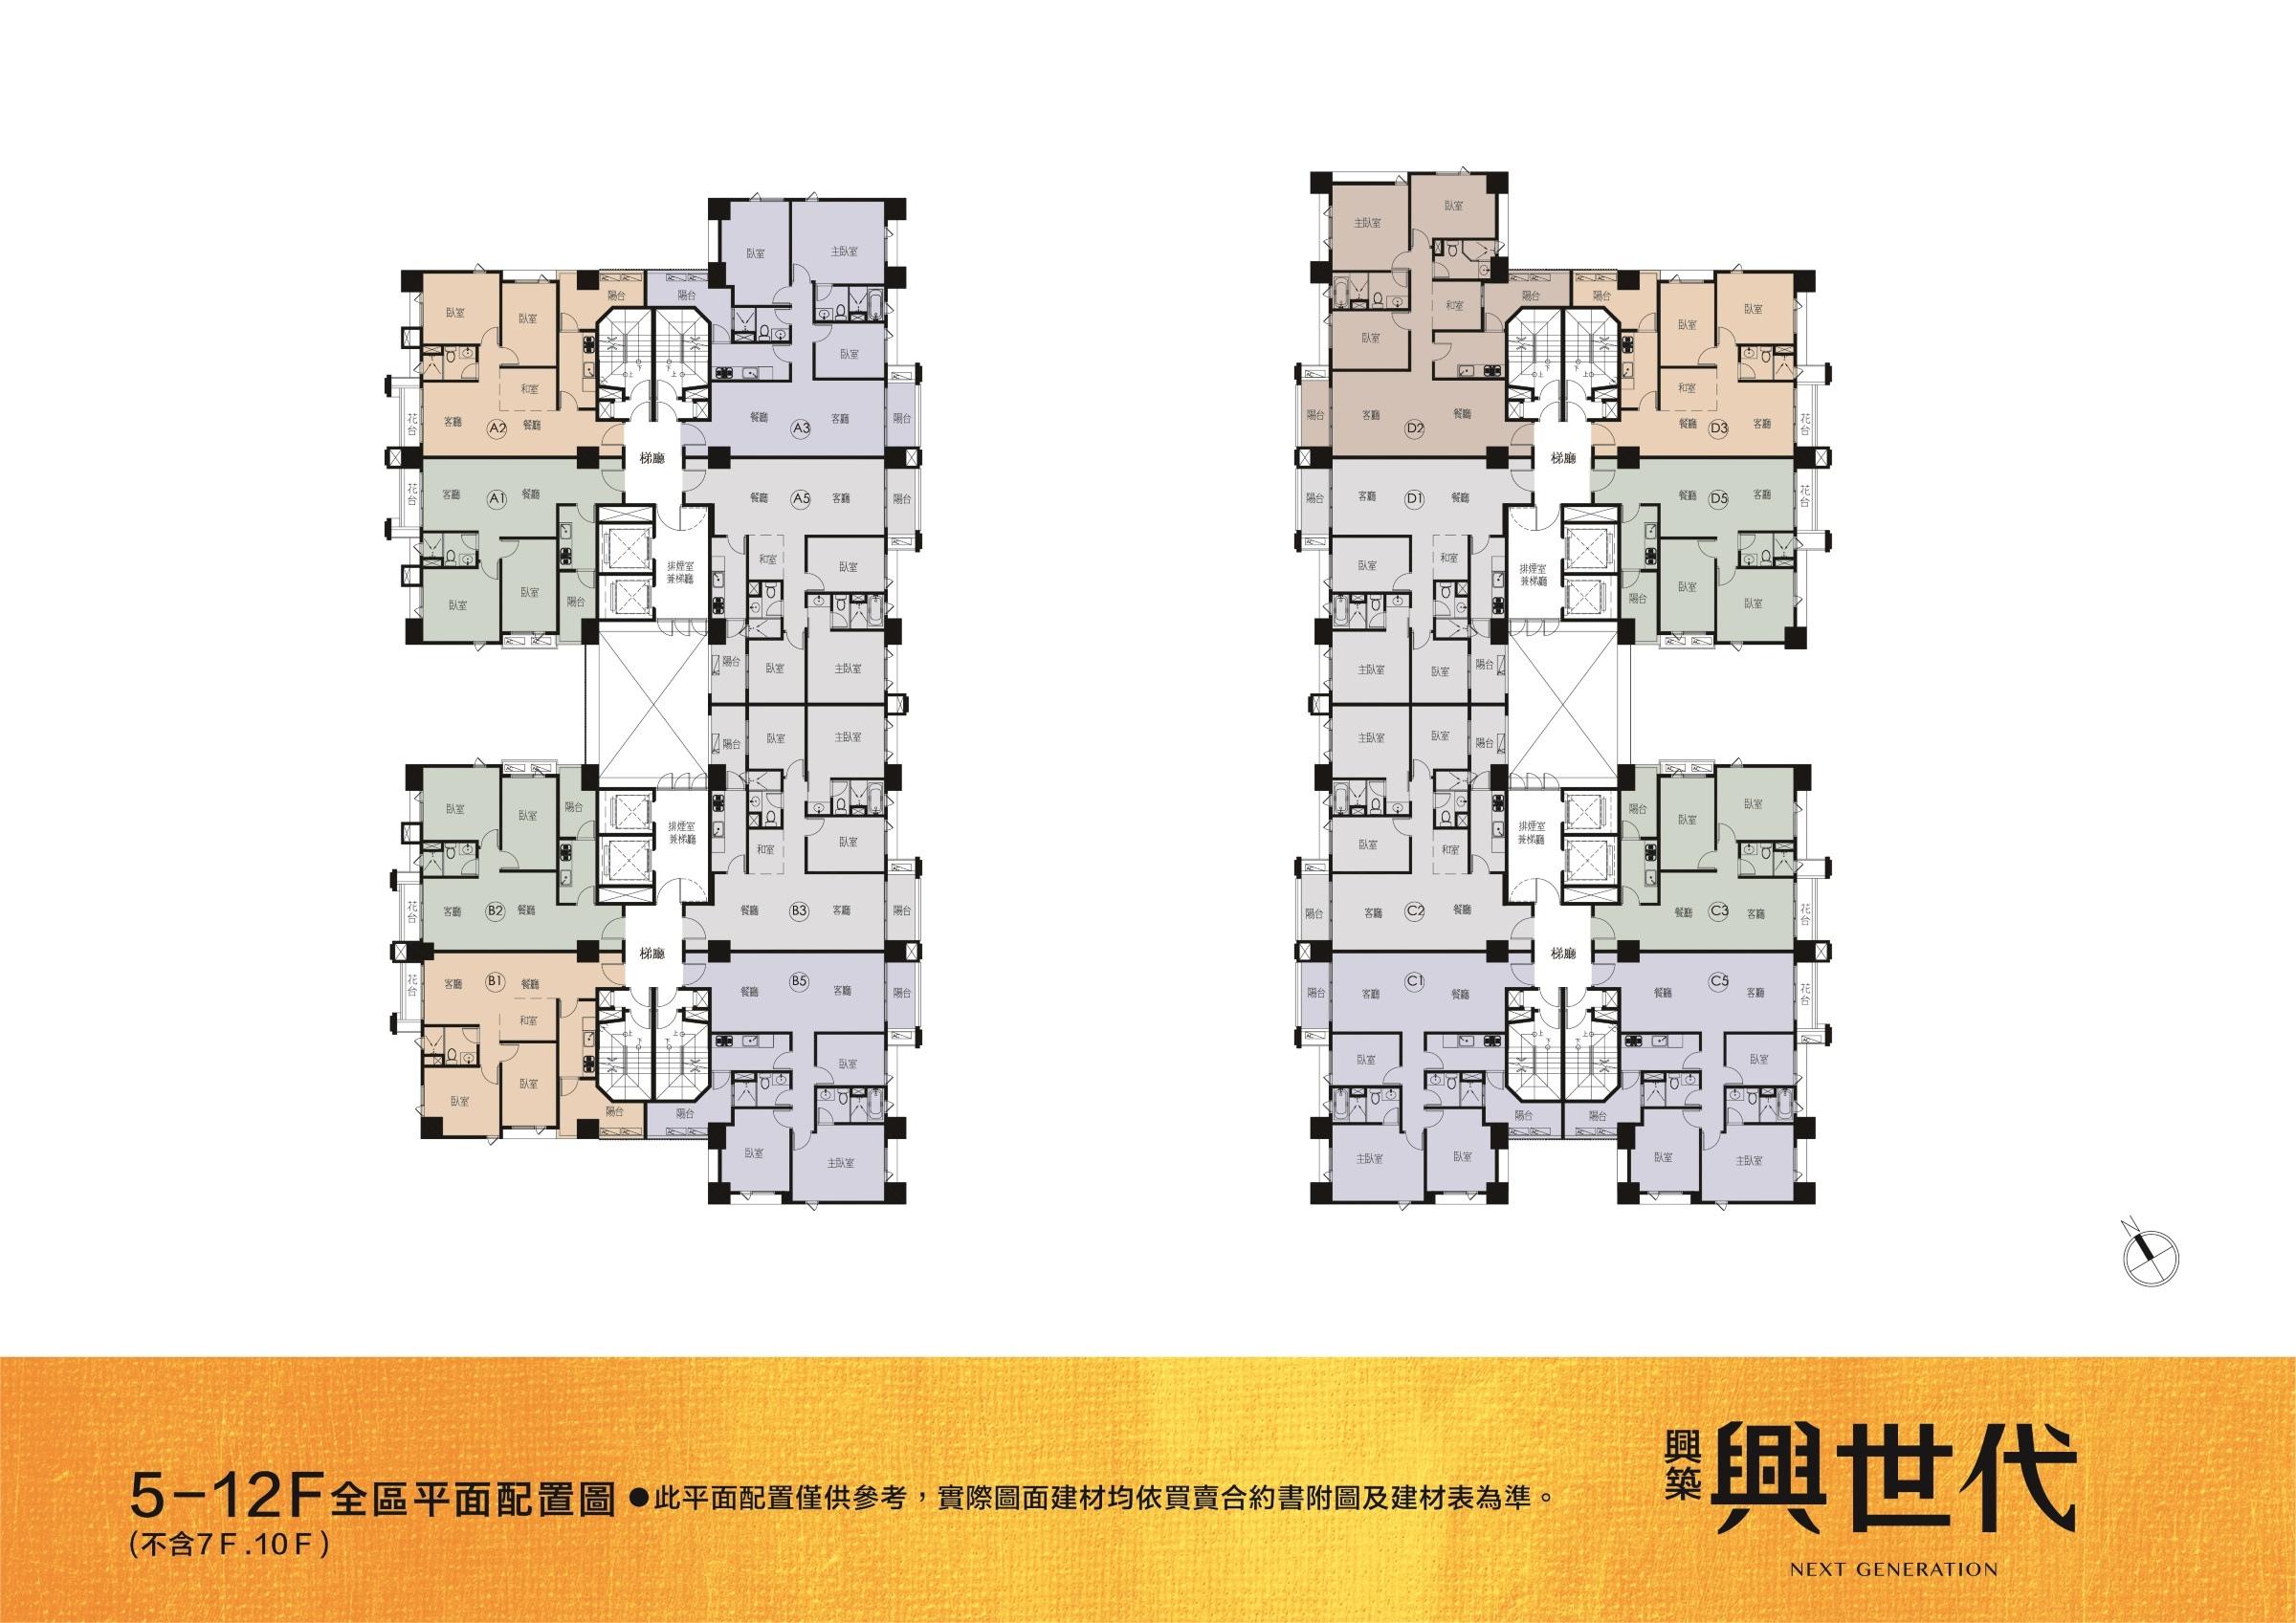 [新竹光埔] 興築建設-興世代(大樓)2015-03-11 024 5F-12F